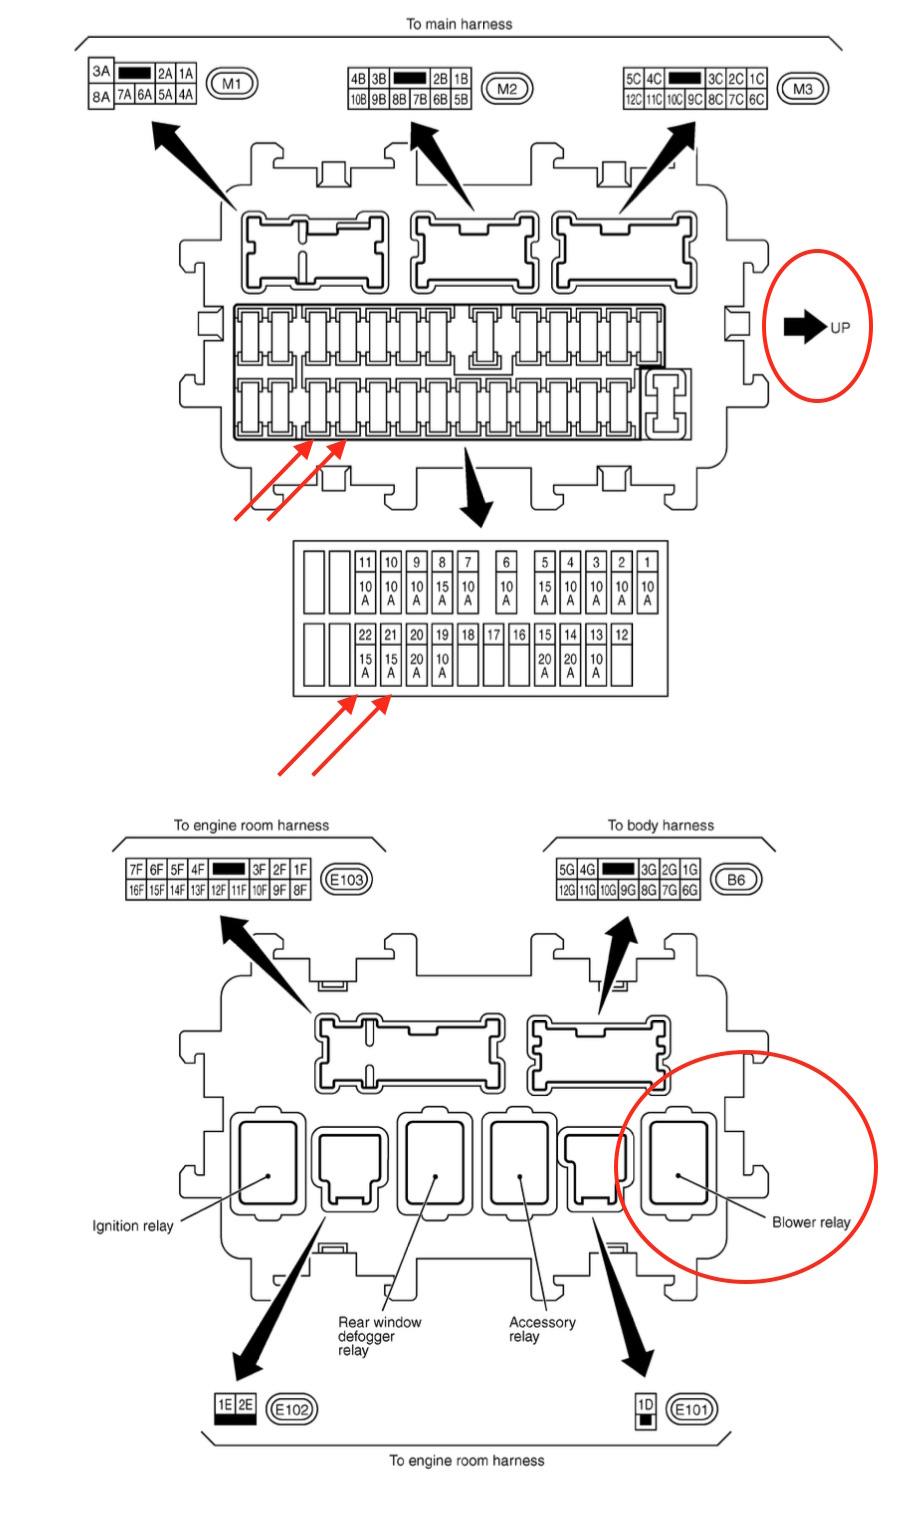 hight resolution of  blower motor not functioning 1 jpg